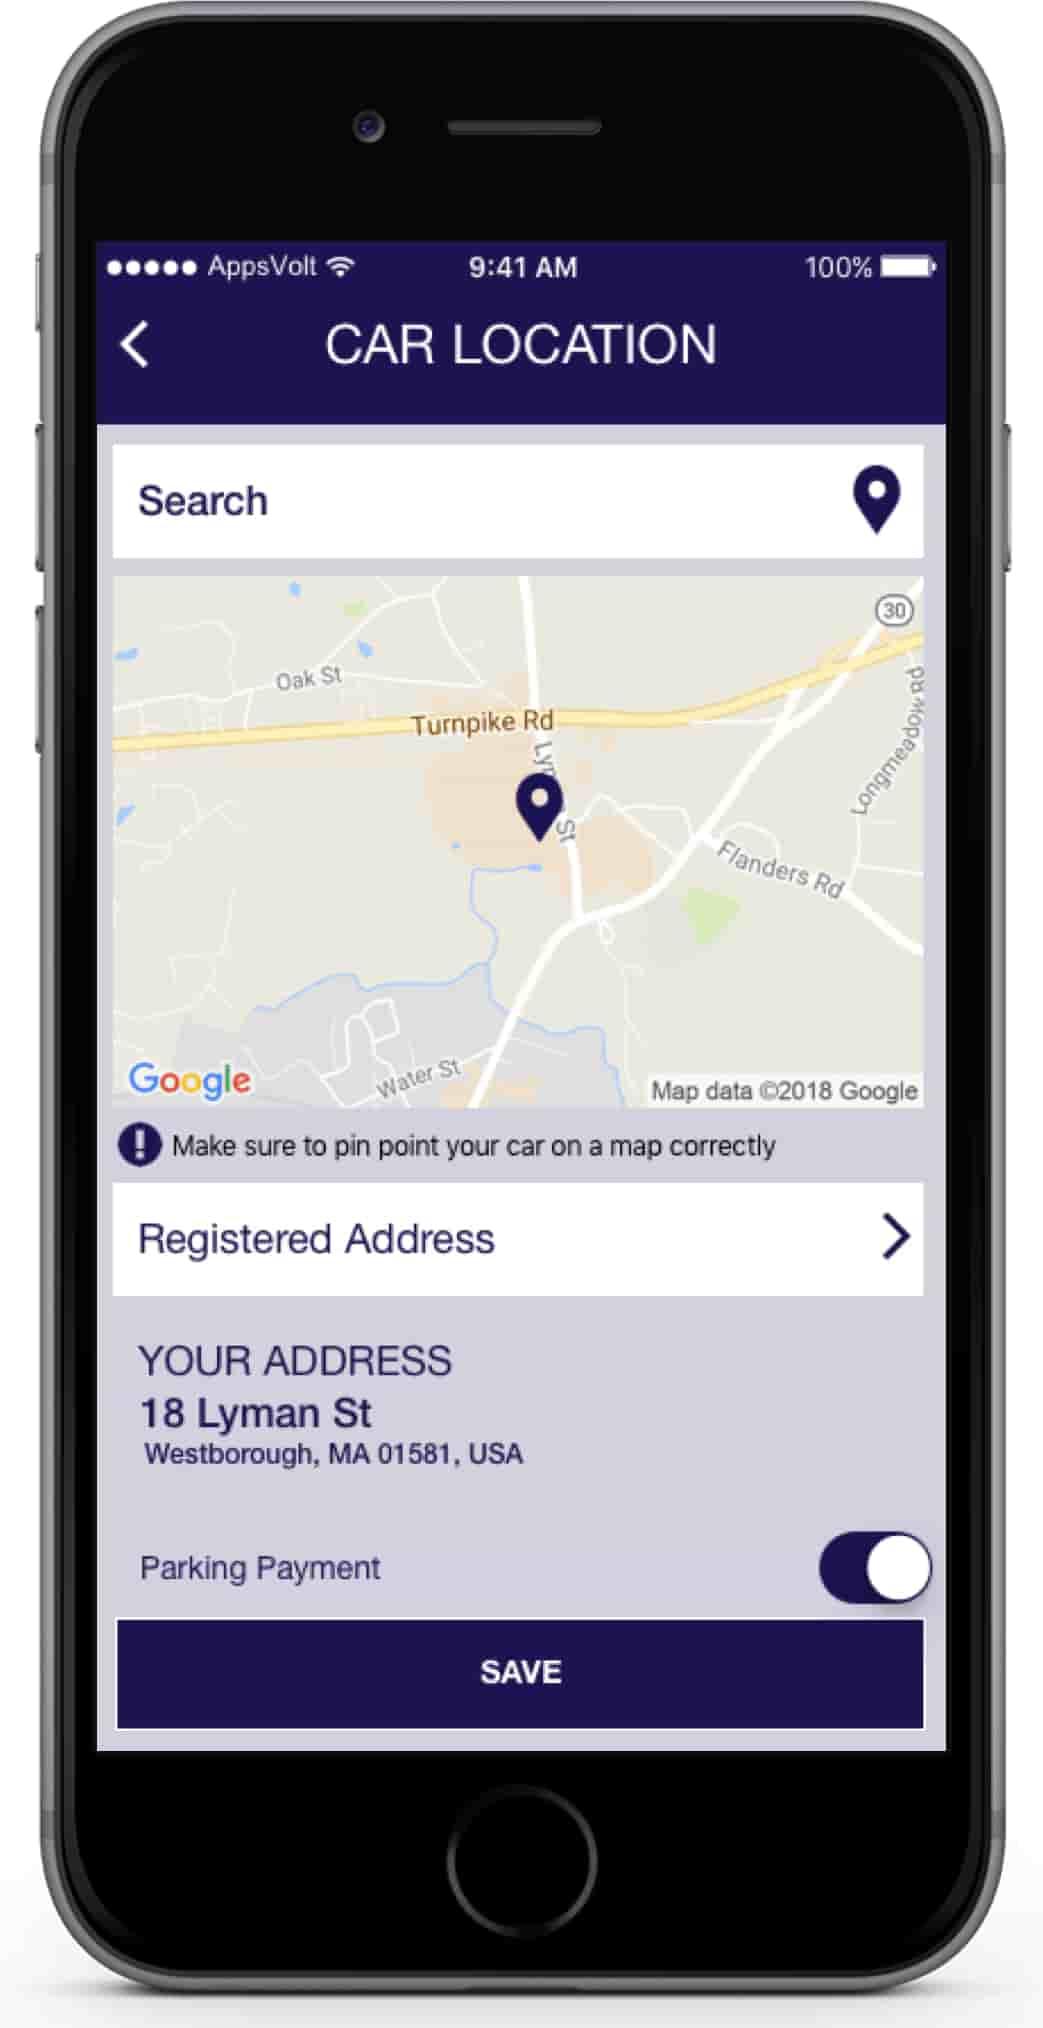 Car Washing Booking iOS Application-car-location